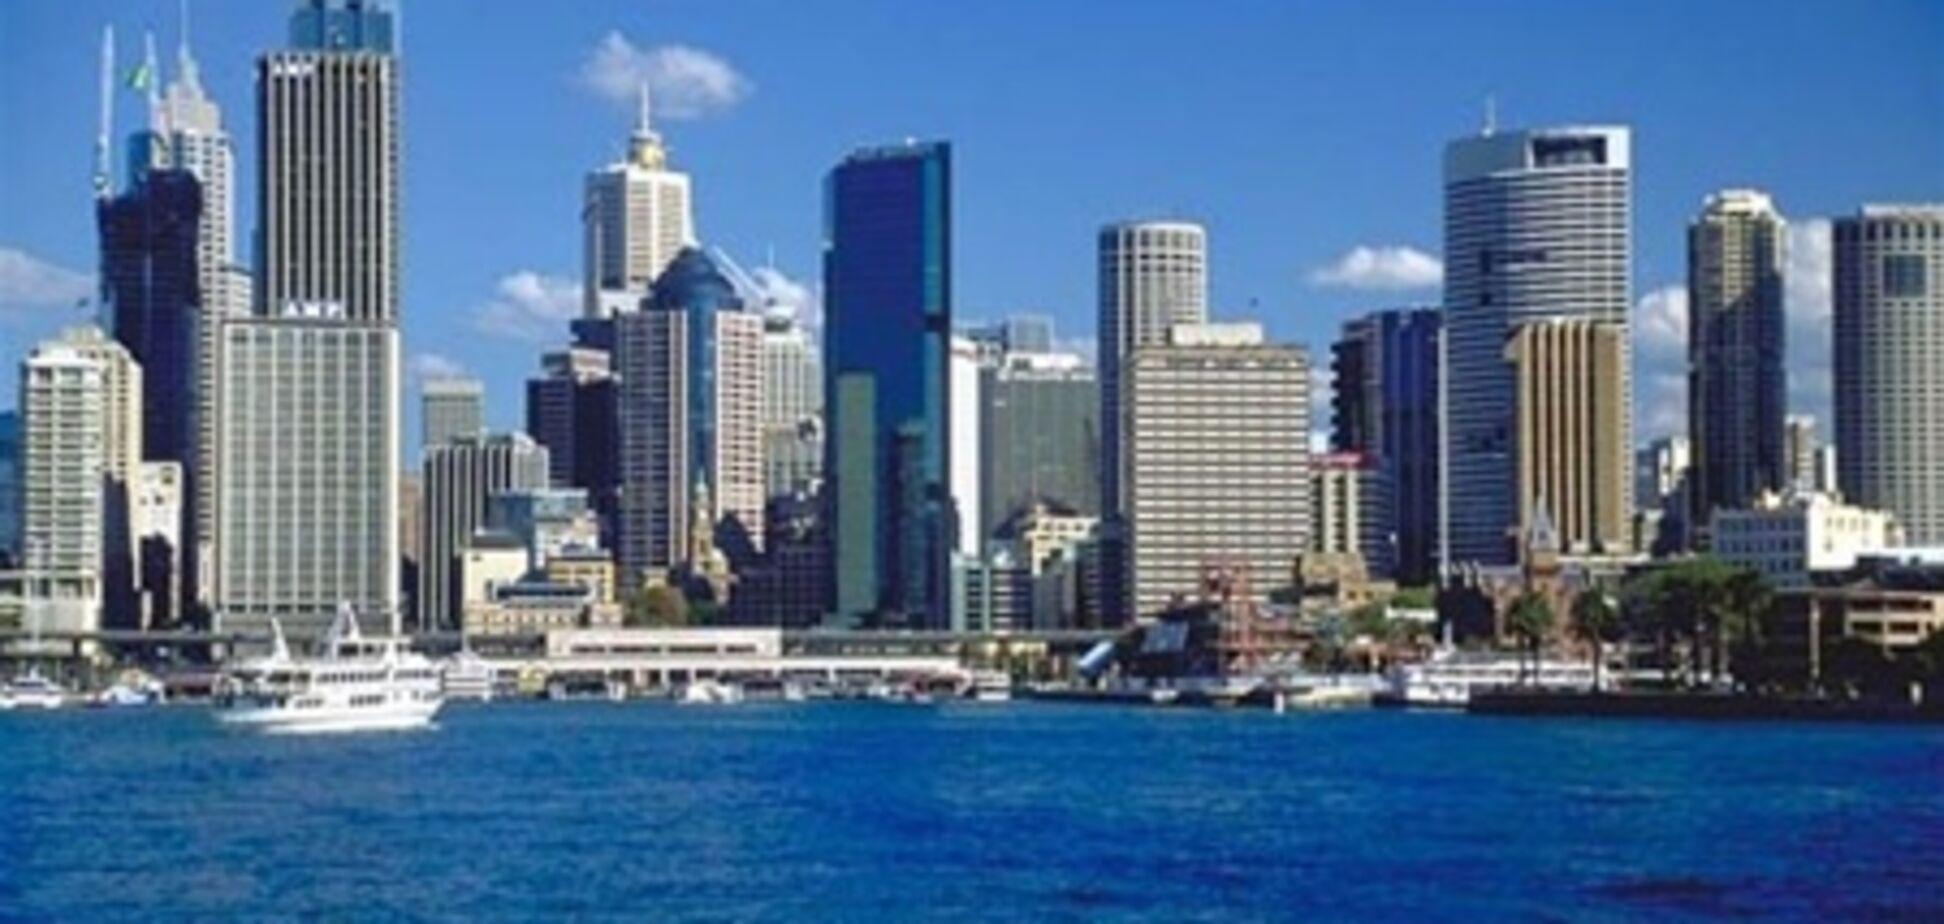 Инвесторы выбирают коммерческую недвижимость в крупных городах